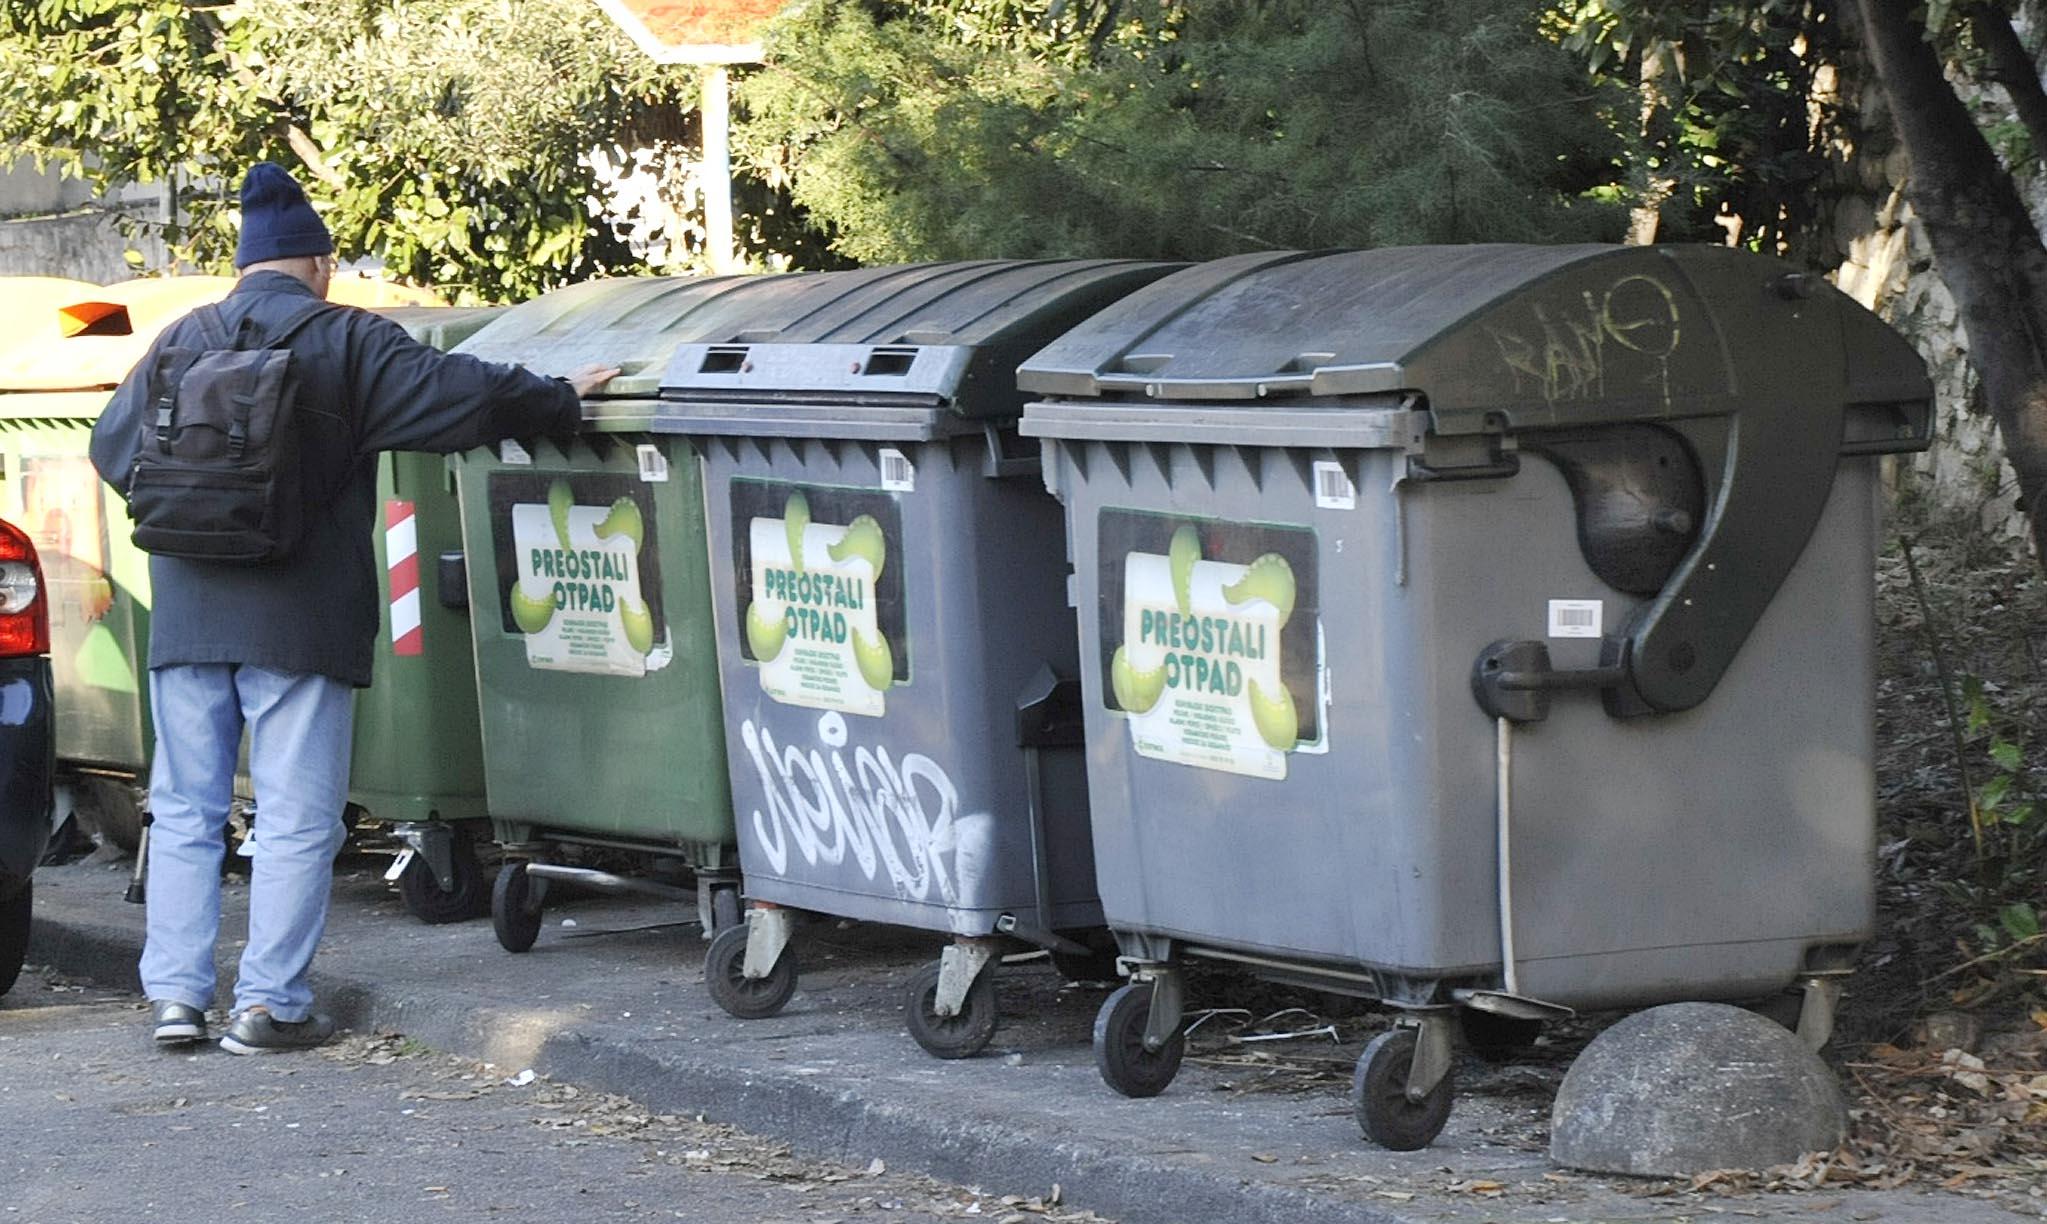 U cjelini gledajući, građani uredno odlažu otpad / Snimio Sergej DRECHSLER